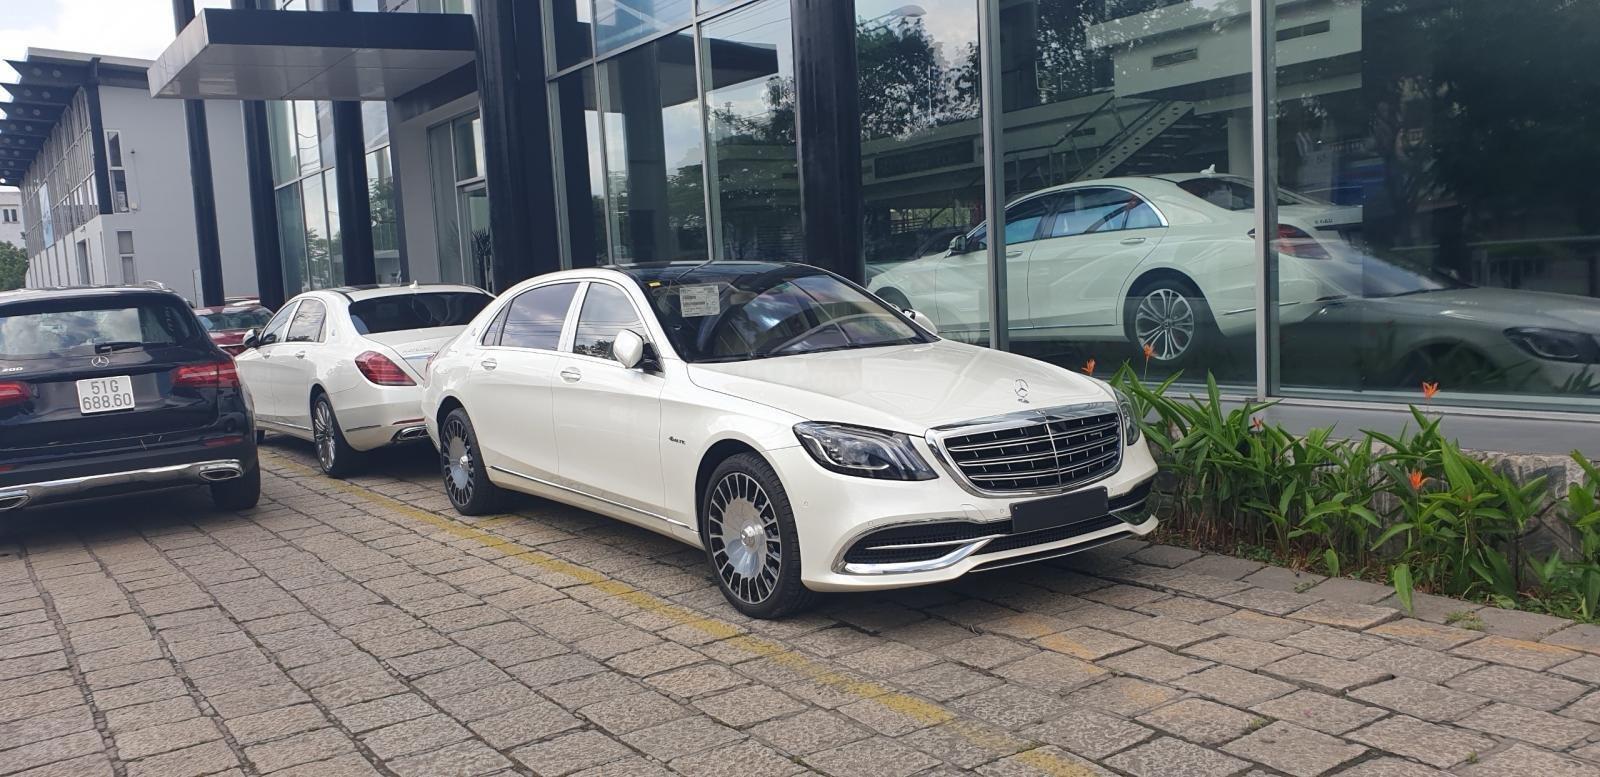 Bán Mercedes Maybach S560 hàng khủng, độc đáo đã về tới Showroom (6)